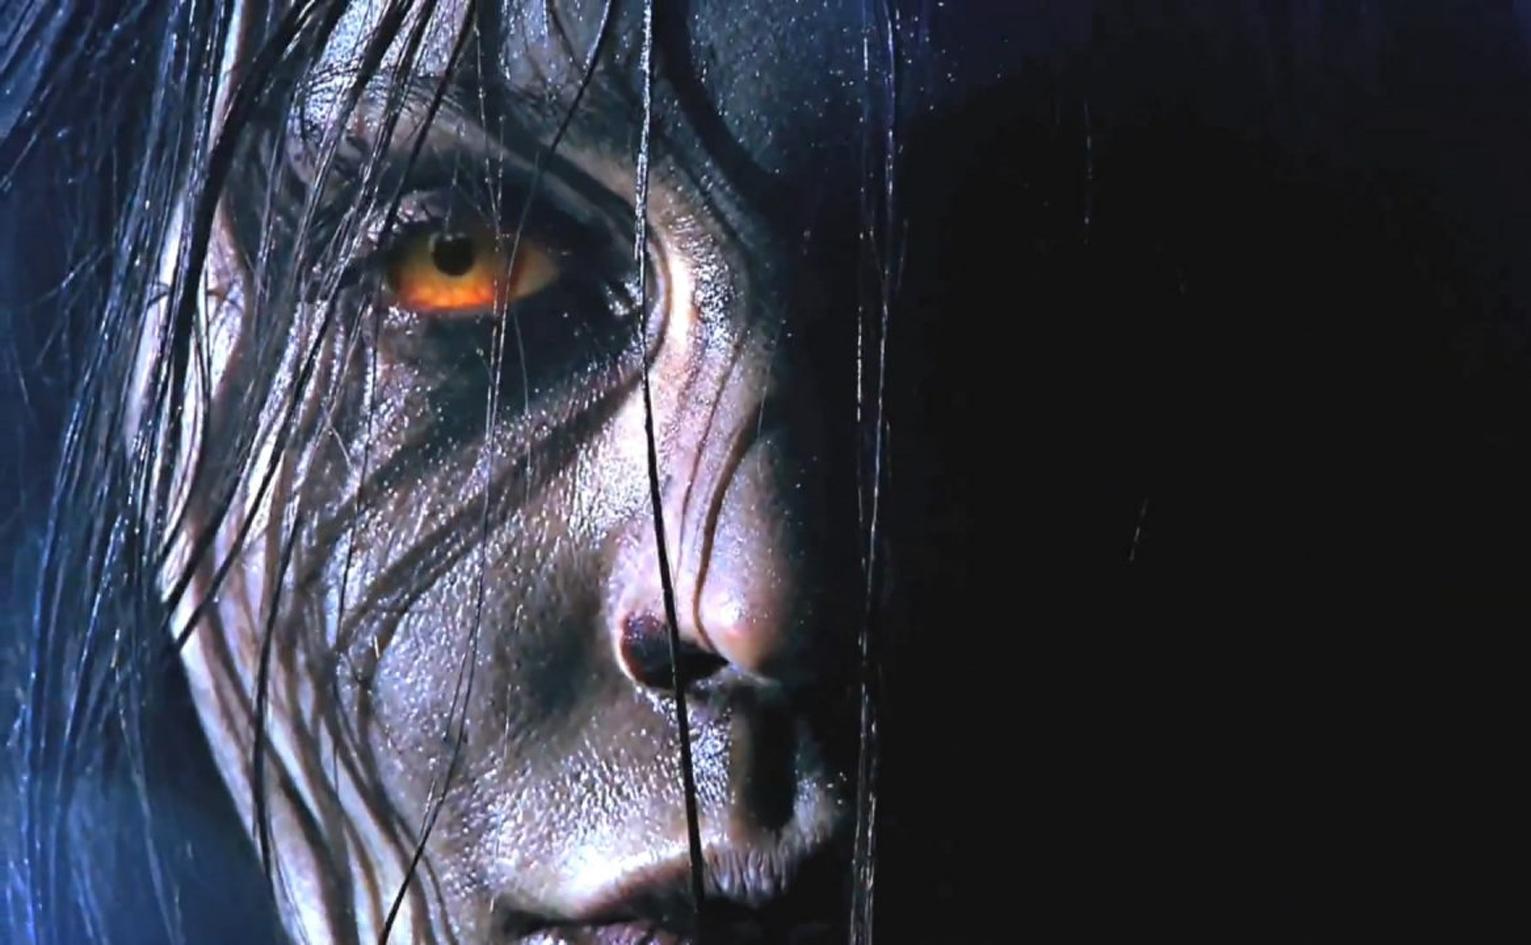 Nuevo trailer de F.3.A.R. nos muestra el mundo a los ojos de Alma [Trailer]